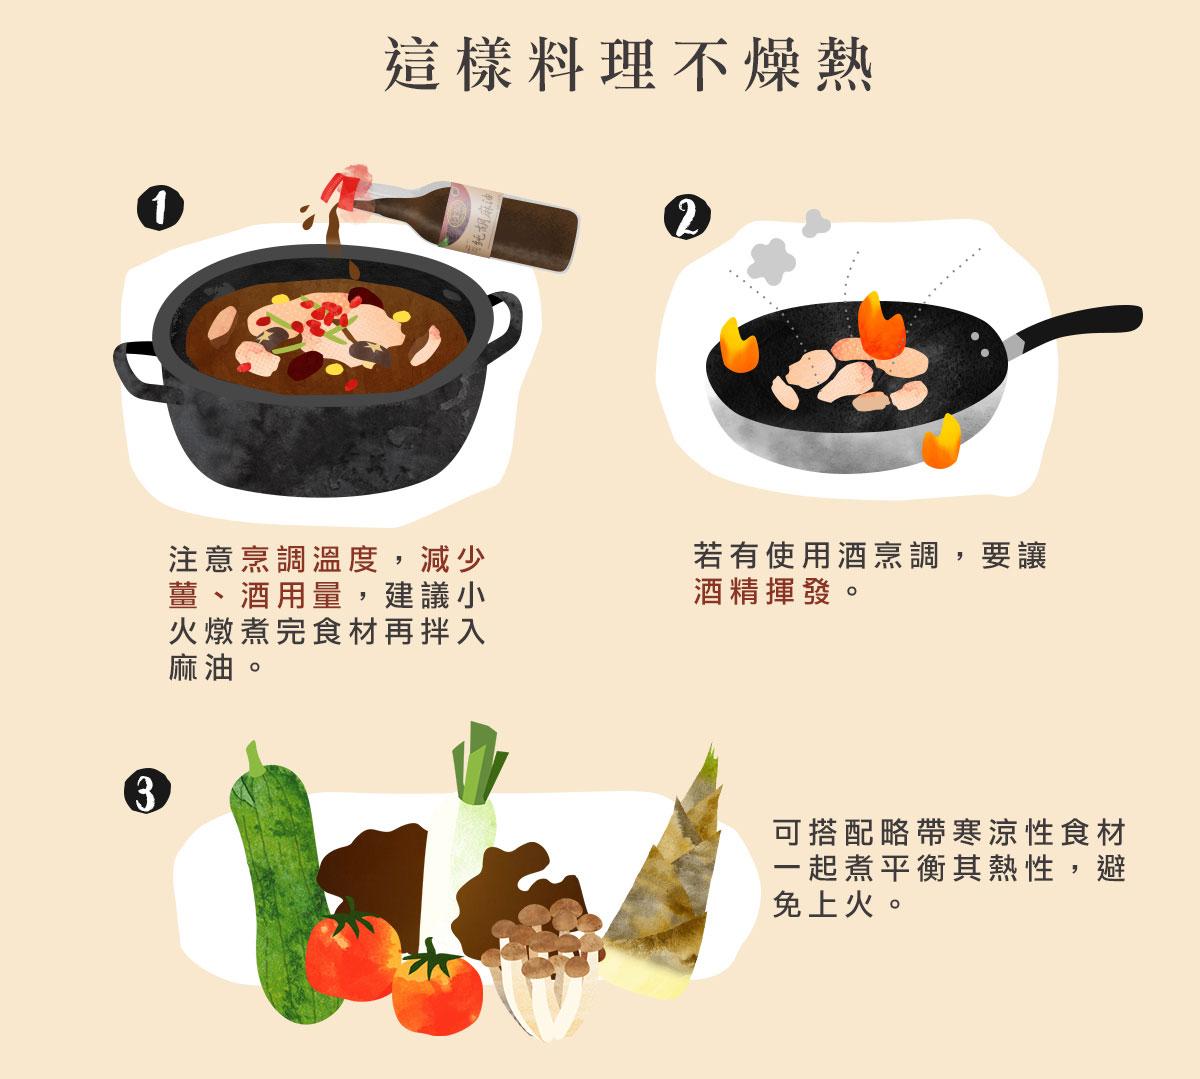 這樣料理不燥熱:注意烹調溫度,減少薑、酒用量,建議小火燉煮完食材再拌入麻油。若有使用酒烹調,要讓酒精揮發。可搭配略帶寒涼性食材一起煮平衡其熱性,避免上火。